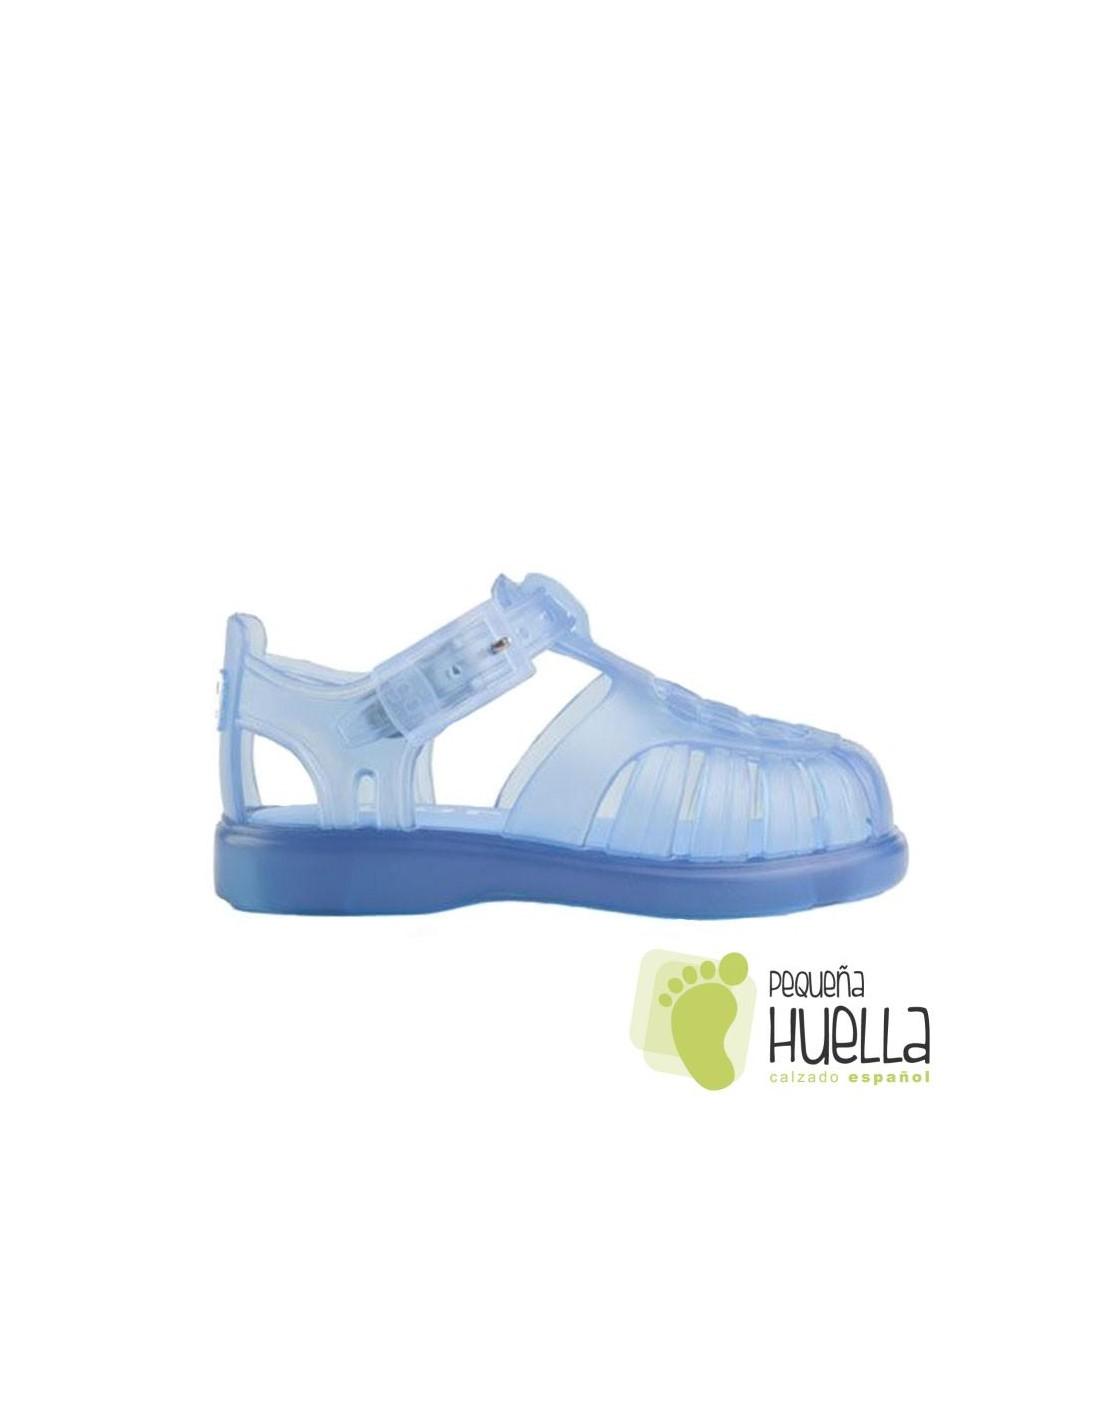 27b715ae5 Comprar sandalias goma cangrejeras para niños IGOR baratas en Madrid